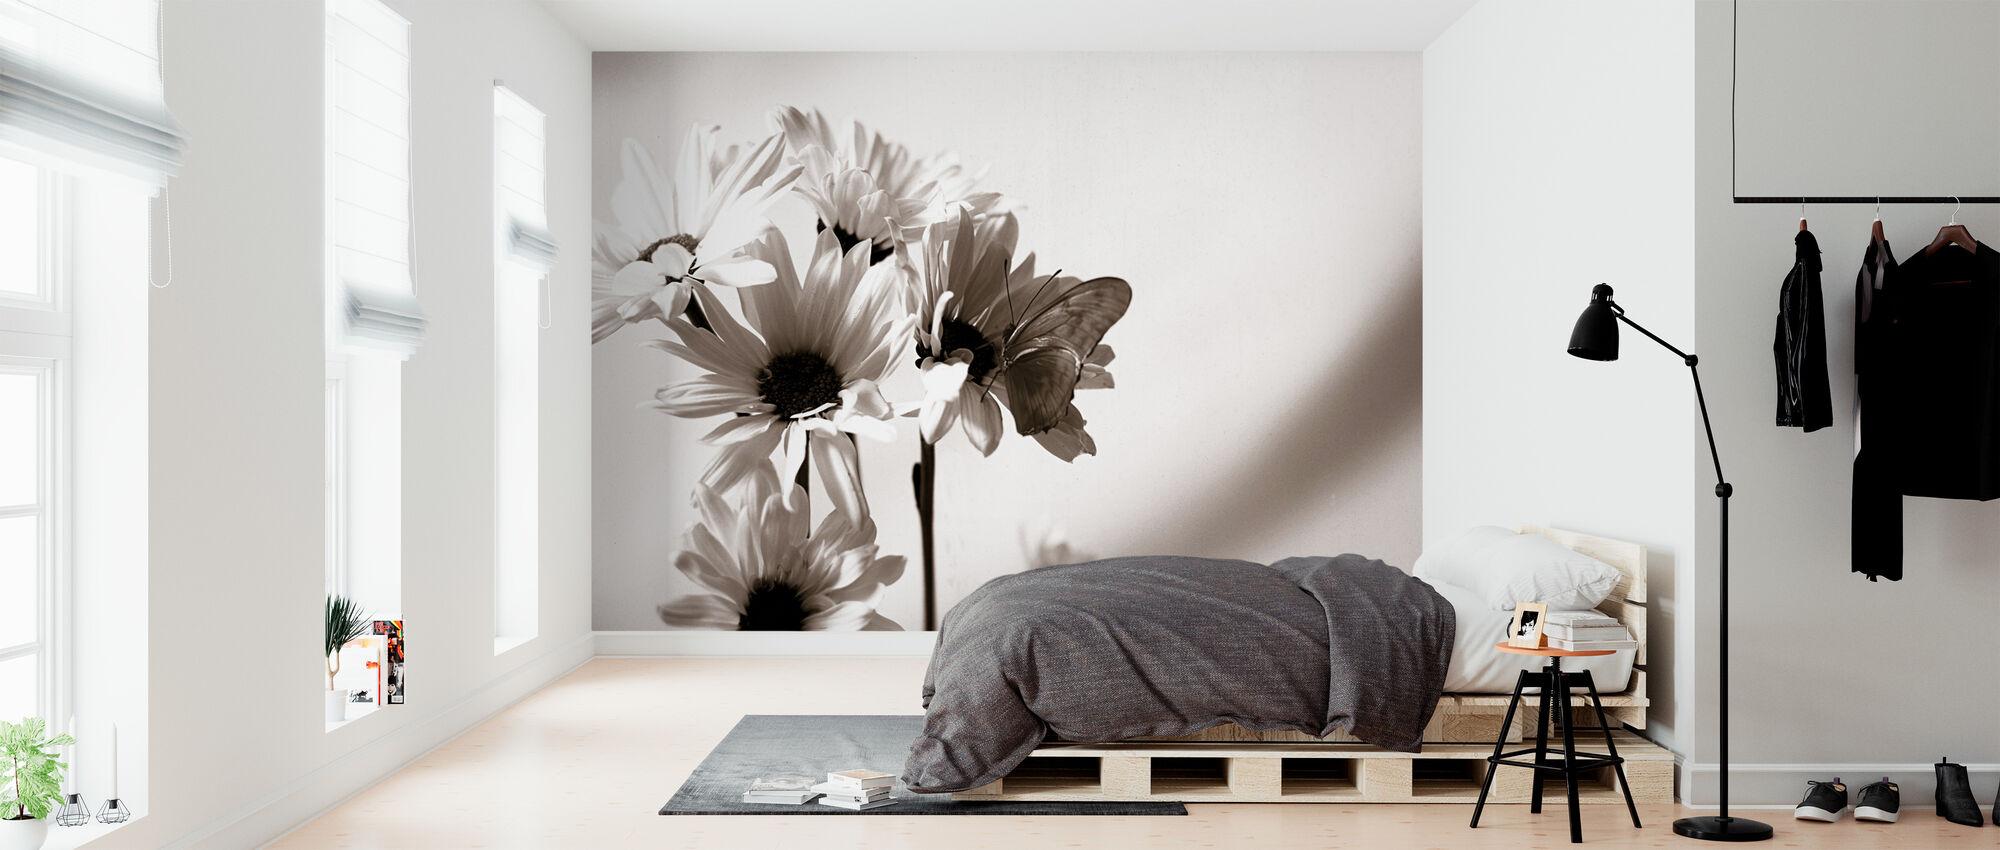 Julia Vlinder - Behang - Slaapkamer